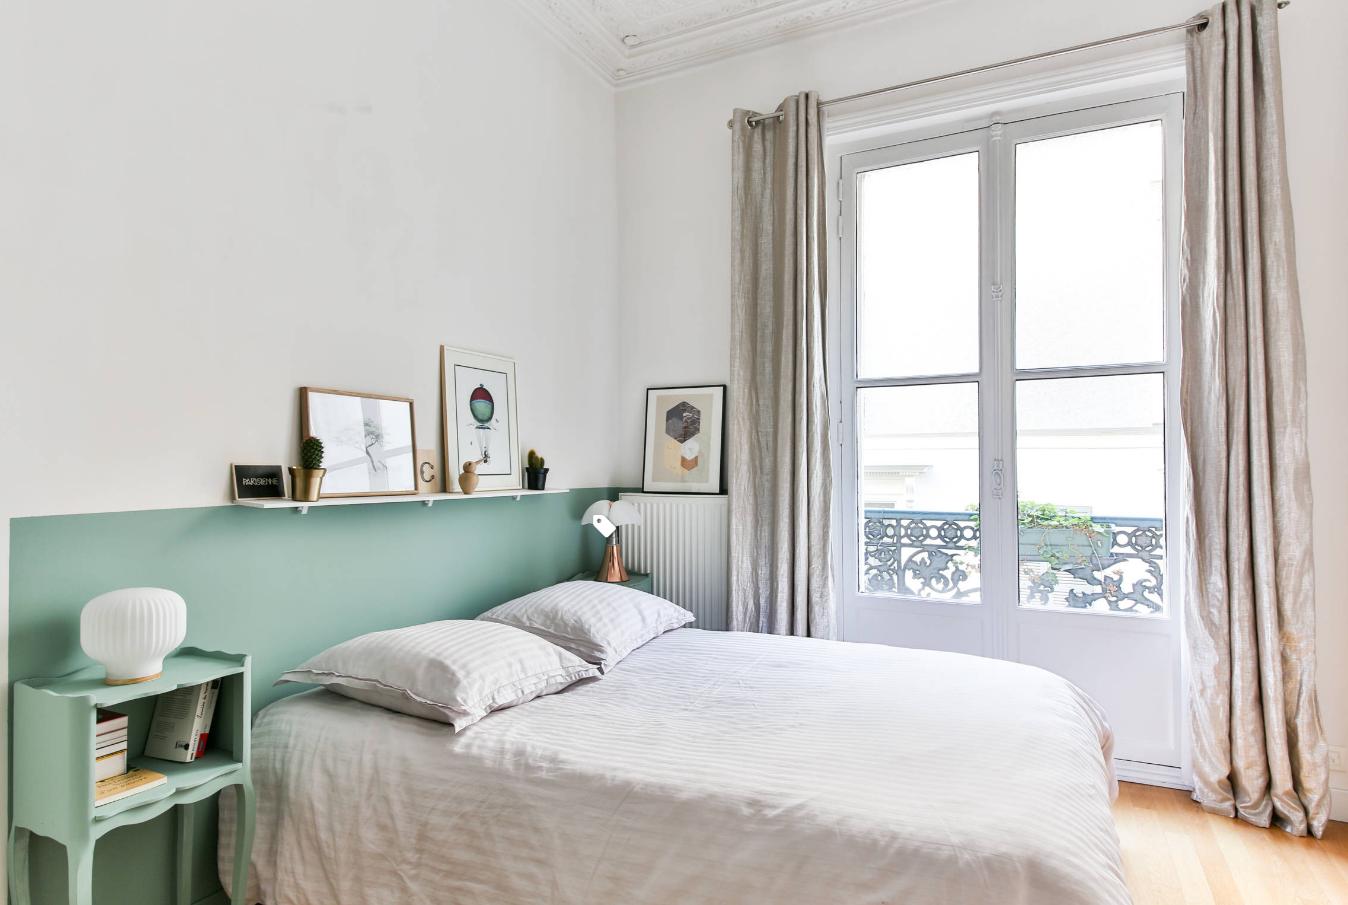 Idee Per Personalizzare La Camera : Camera da letto piccola come arredarla u idealista news